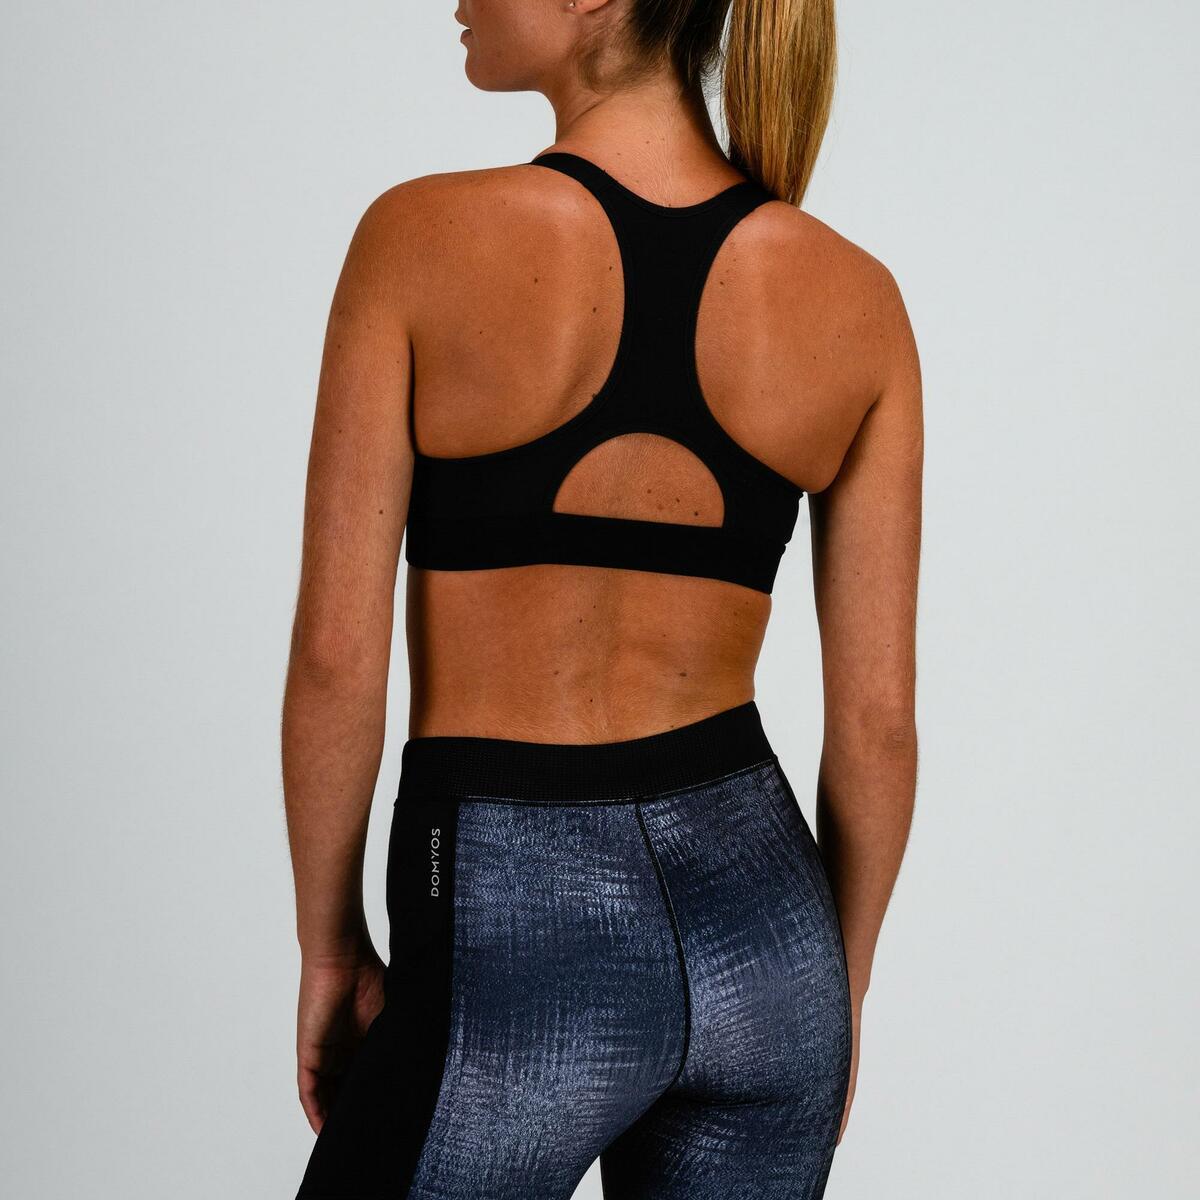 Bild 4 von Sport-Bustier 500 Fitness Cardio Damen grau mit Print